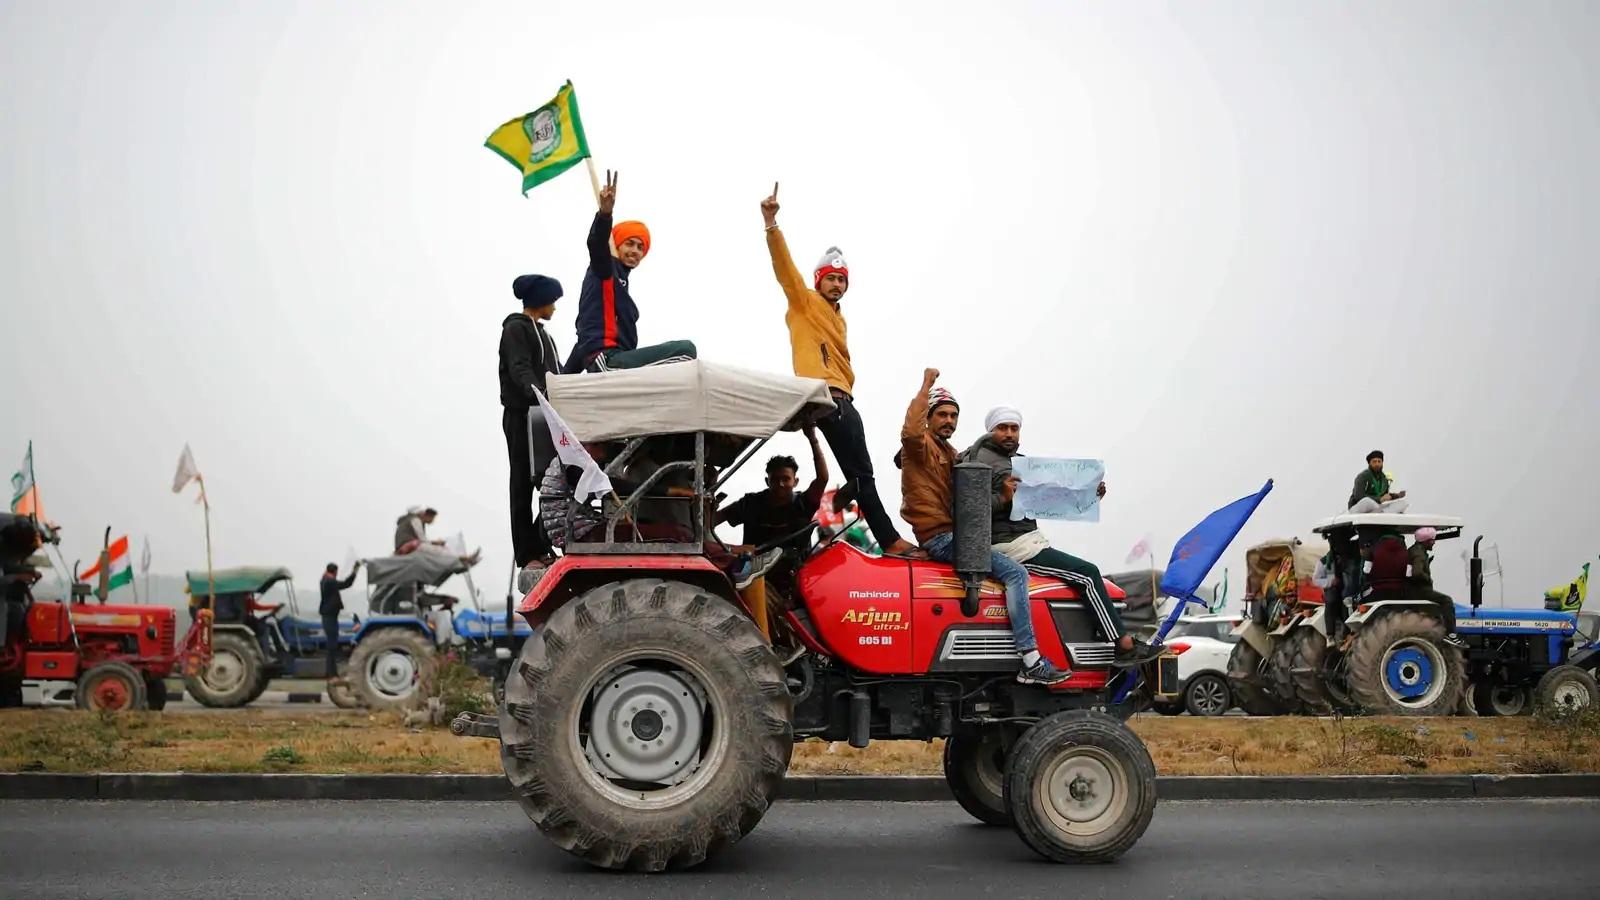 दिल्लीत ट्रॅक्टर परेड होणार; मुंबईत हजारो शेतकरी दाखल